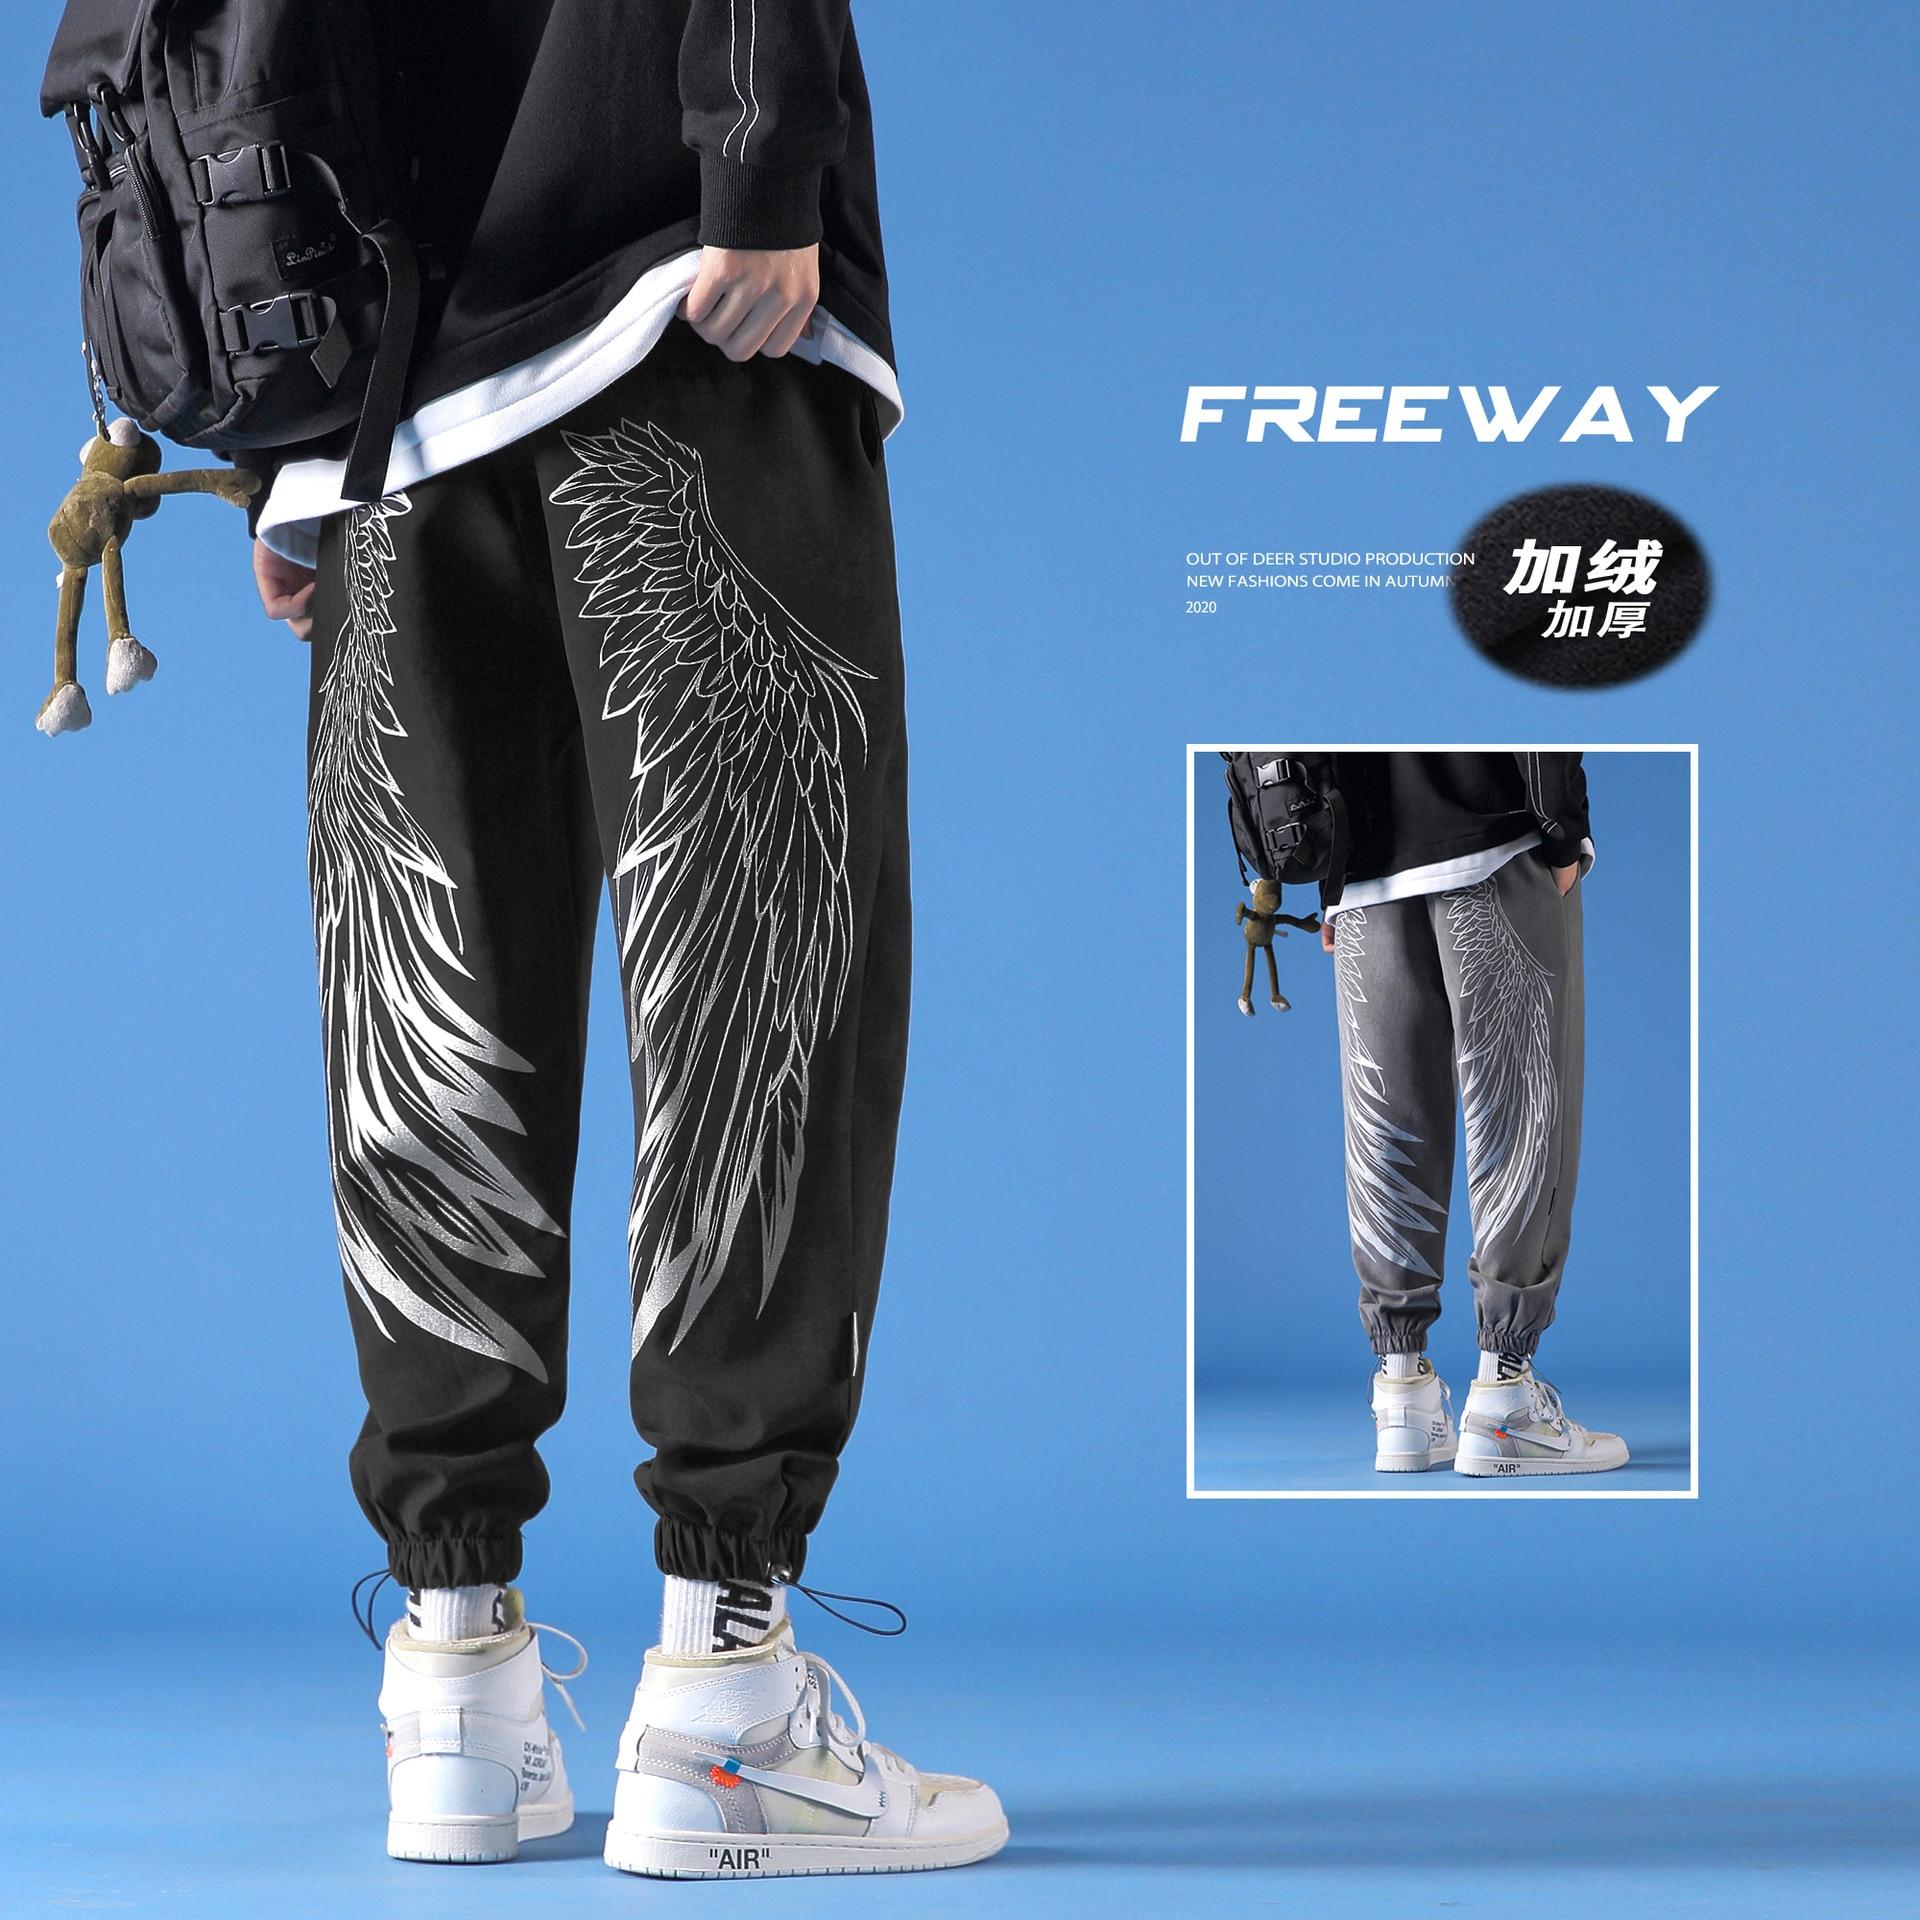 Брюки Для мужчин s брюки Для мужчин джоггеры Японская уличная одежда Для мужчин s Одежда в стиле хип-хоп